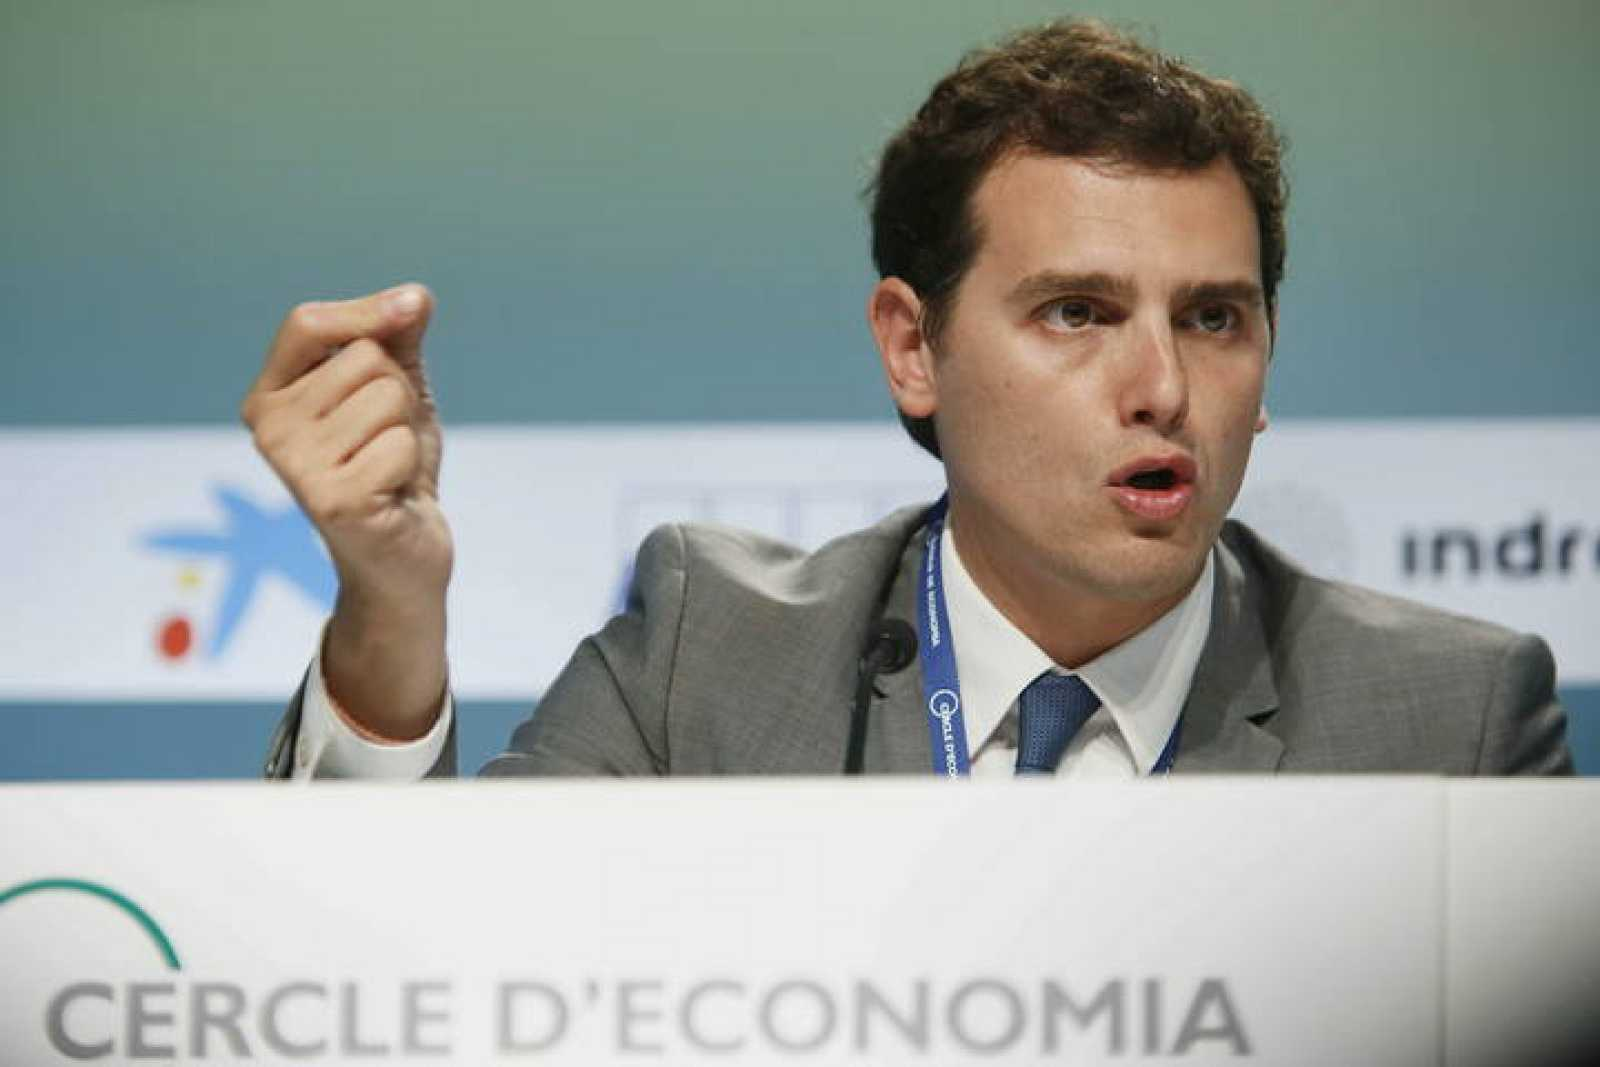 El presidente de Ciudadanos Albert Rivera interviene en el Círculo de Economía de Sitges